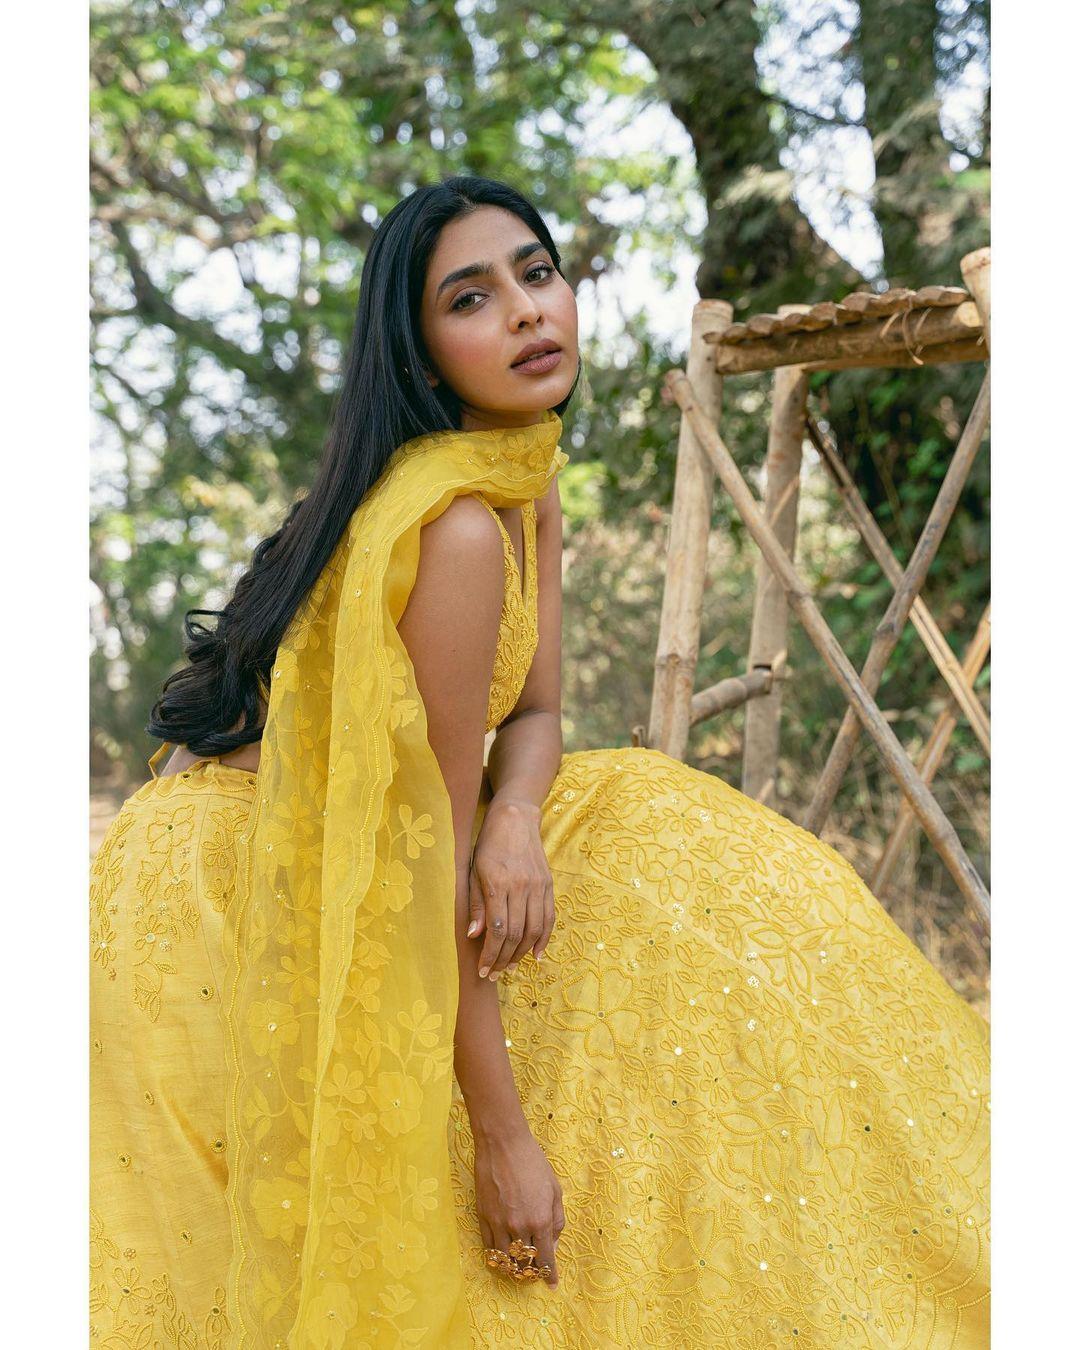 நடிகை ஐஸ்வர்யா லட்சுமி தமிழில் ஆக்ஷன் திரைப்படத்தின் மூலம் தமிழில் அறிமுகமானார்.